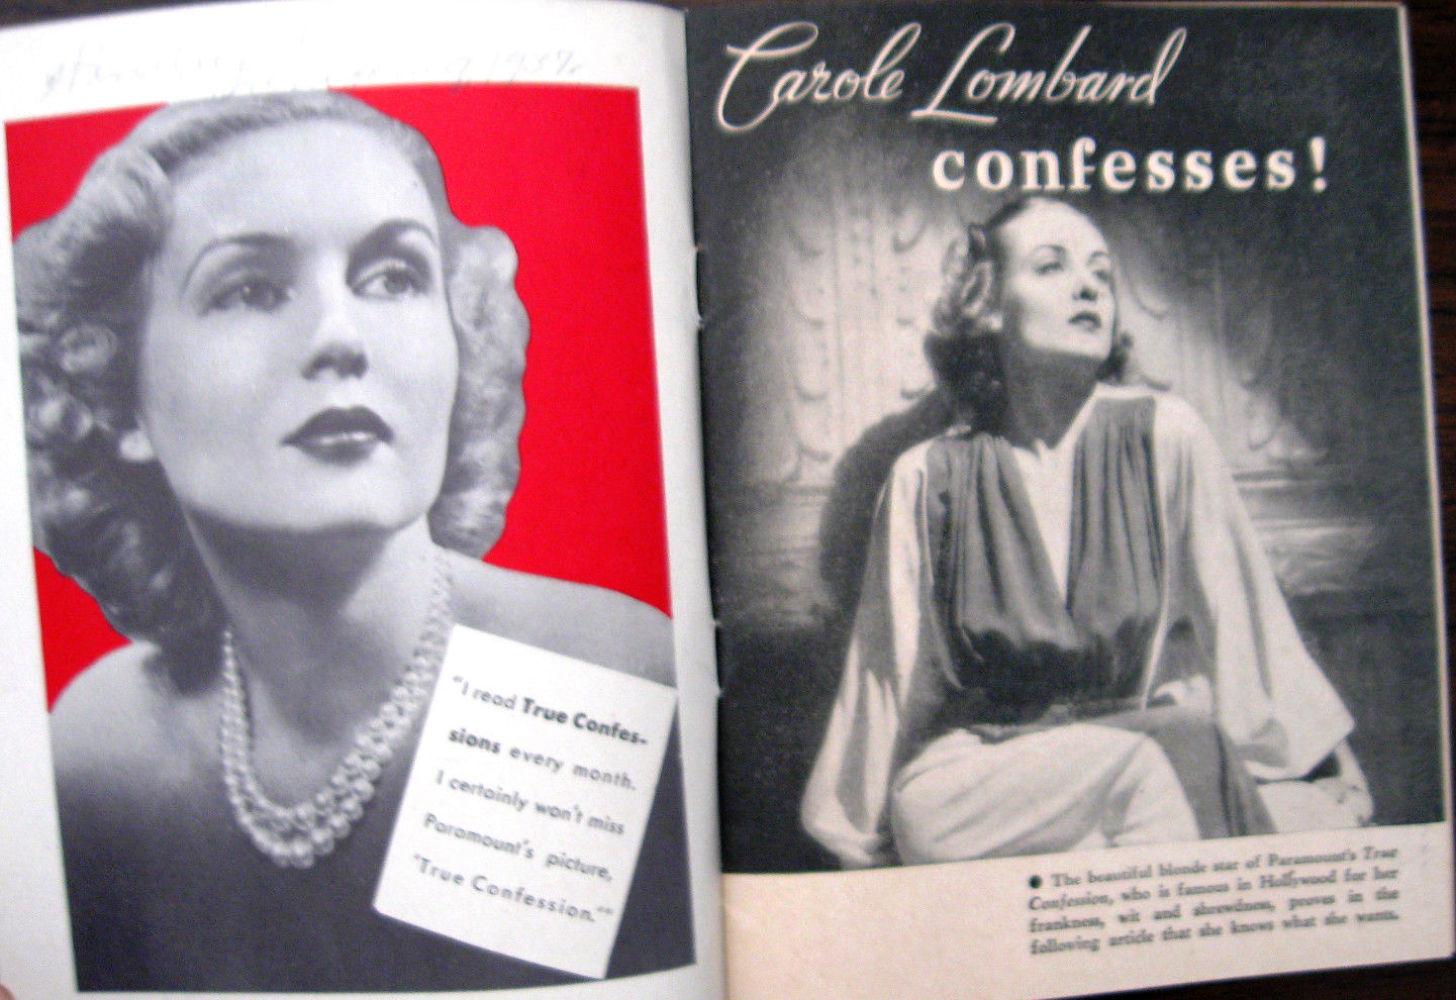 carole lombard true confession true confessions 01a